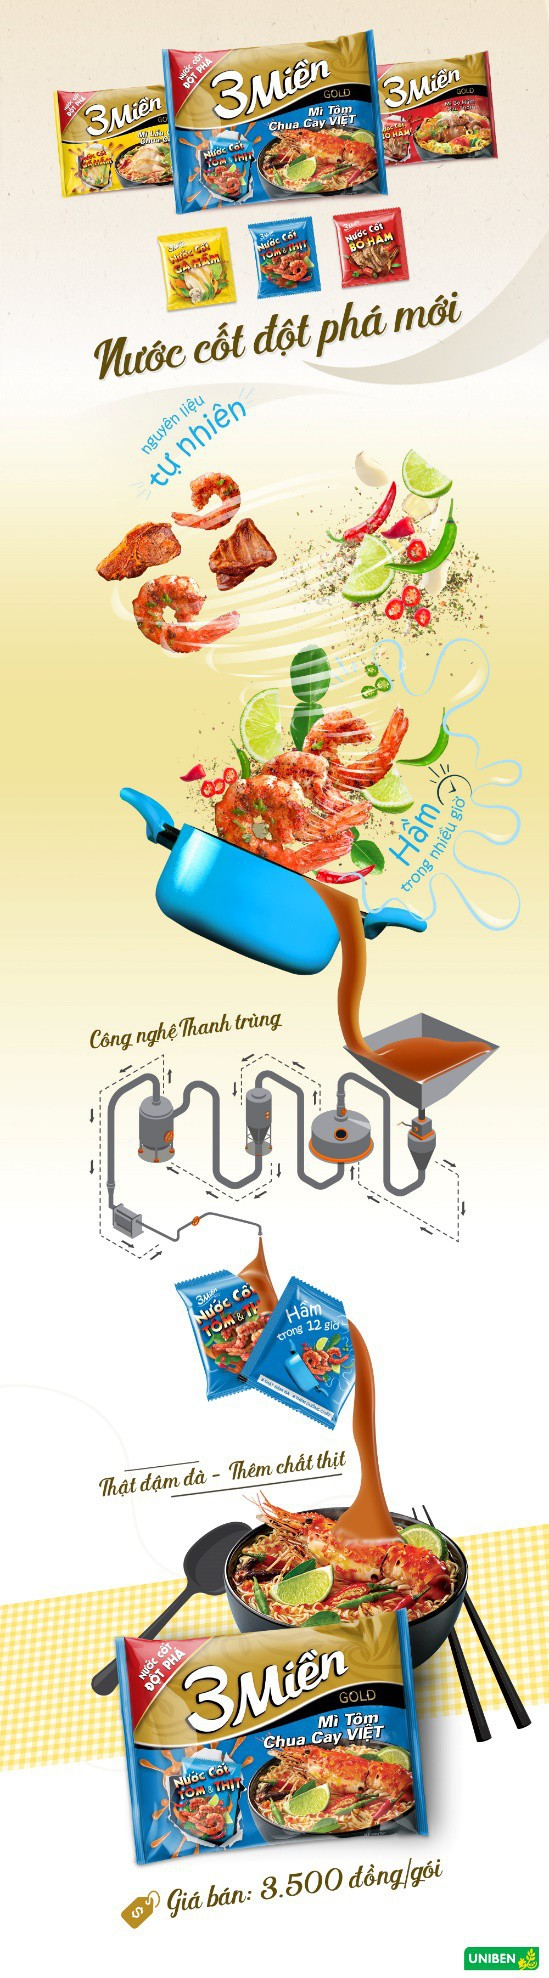 Mì 3 miền tôm chua cay Việt: Thật đậm đà – Thêm chất thịt - Ảnh 1.